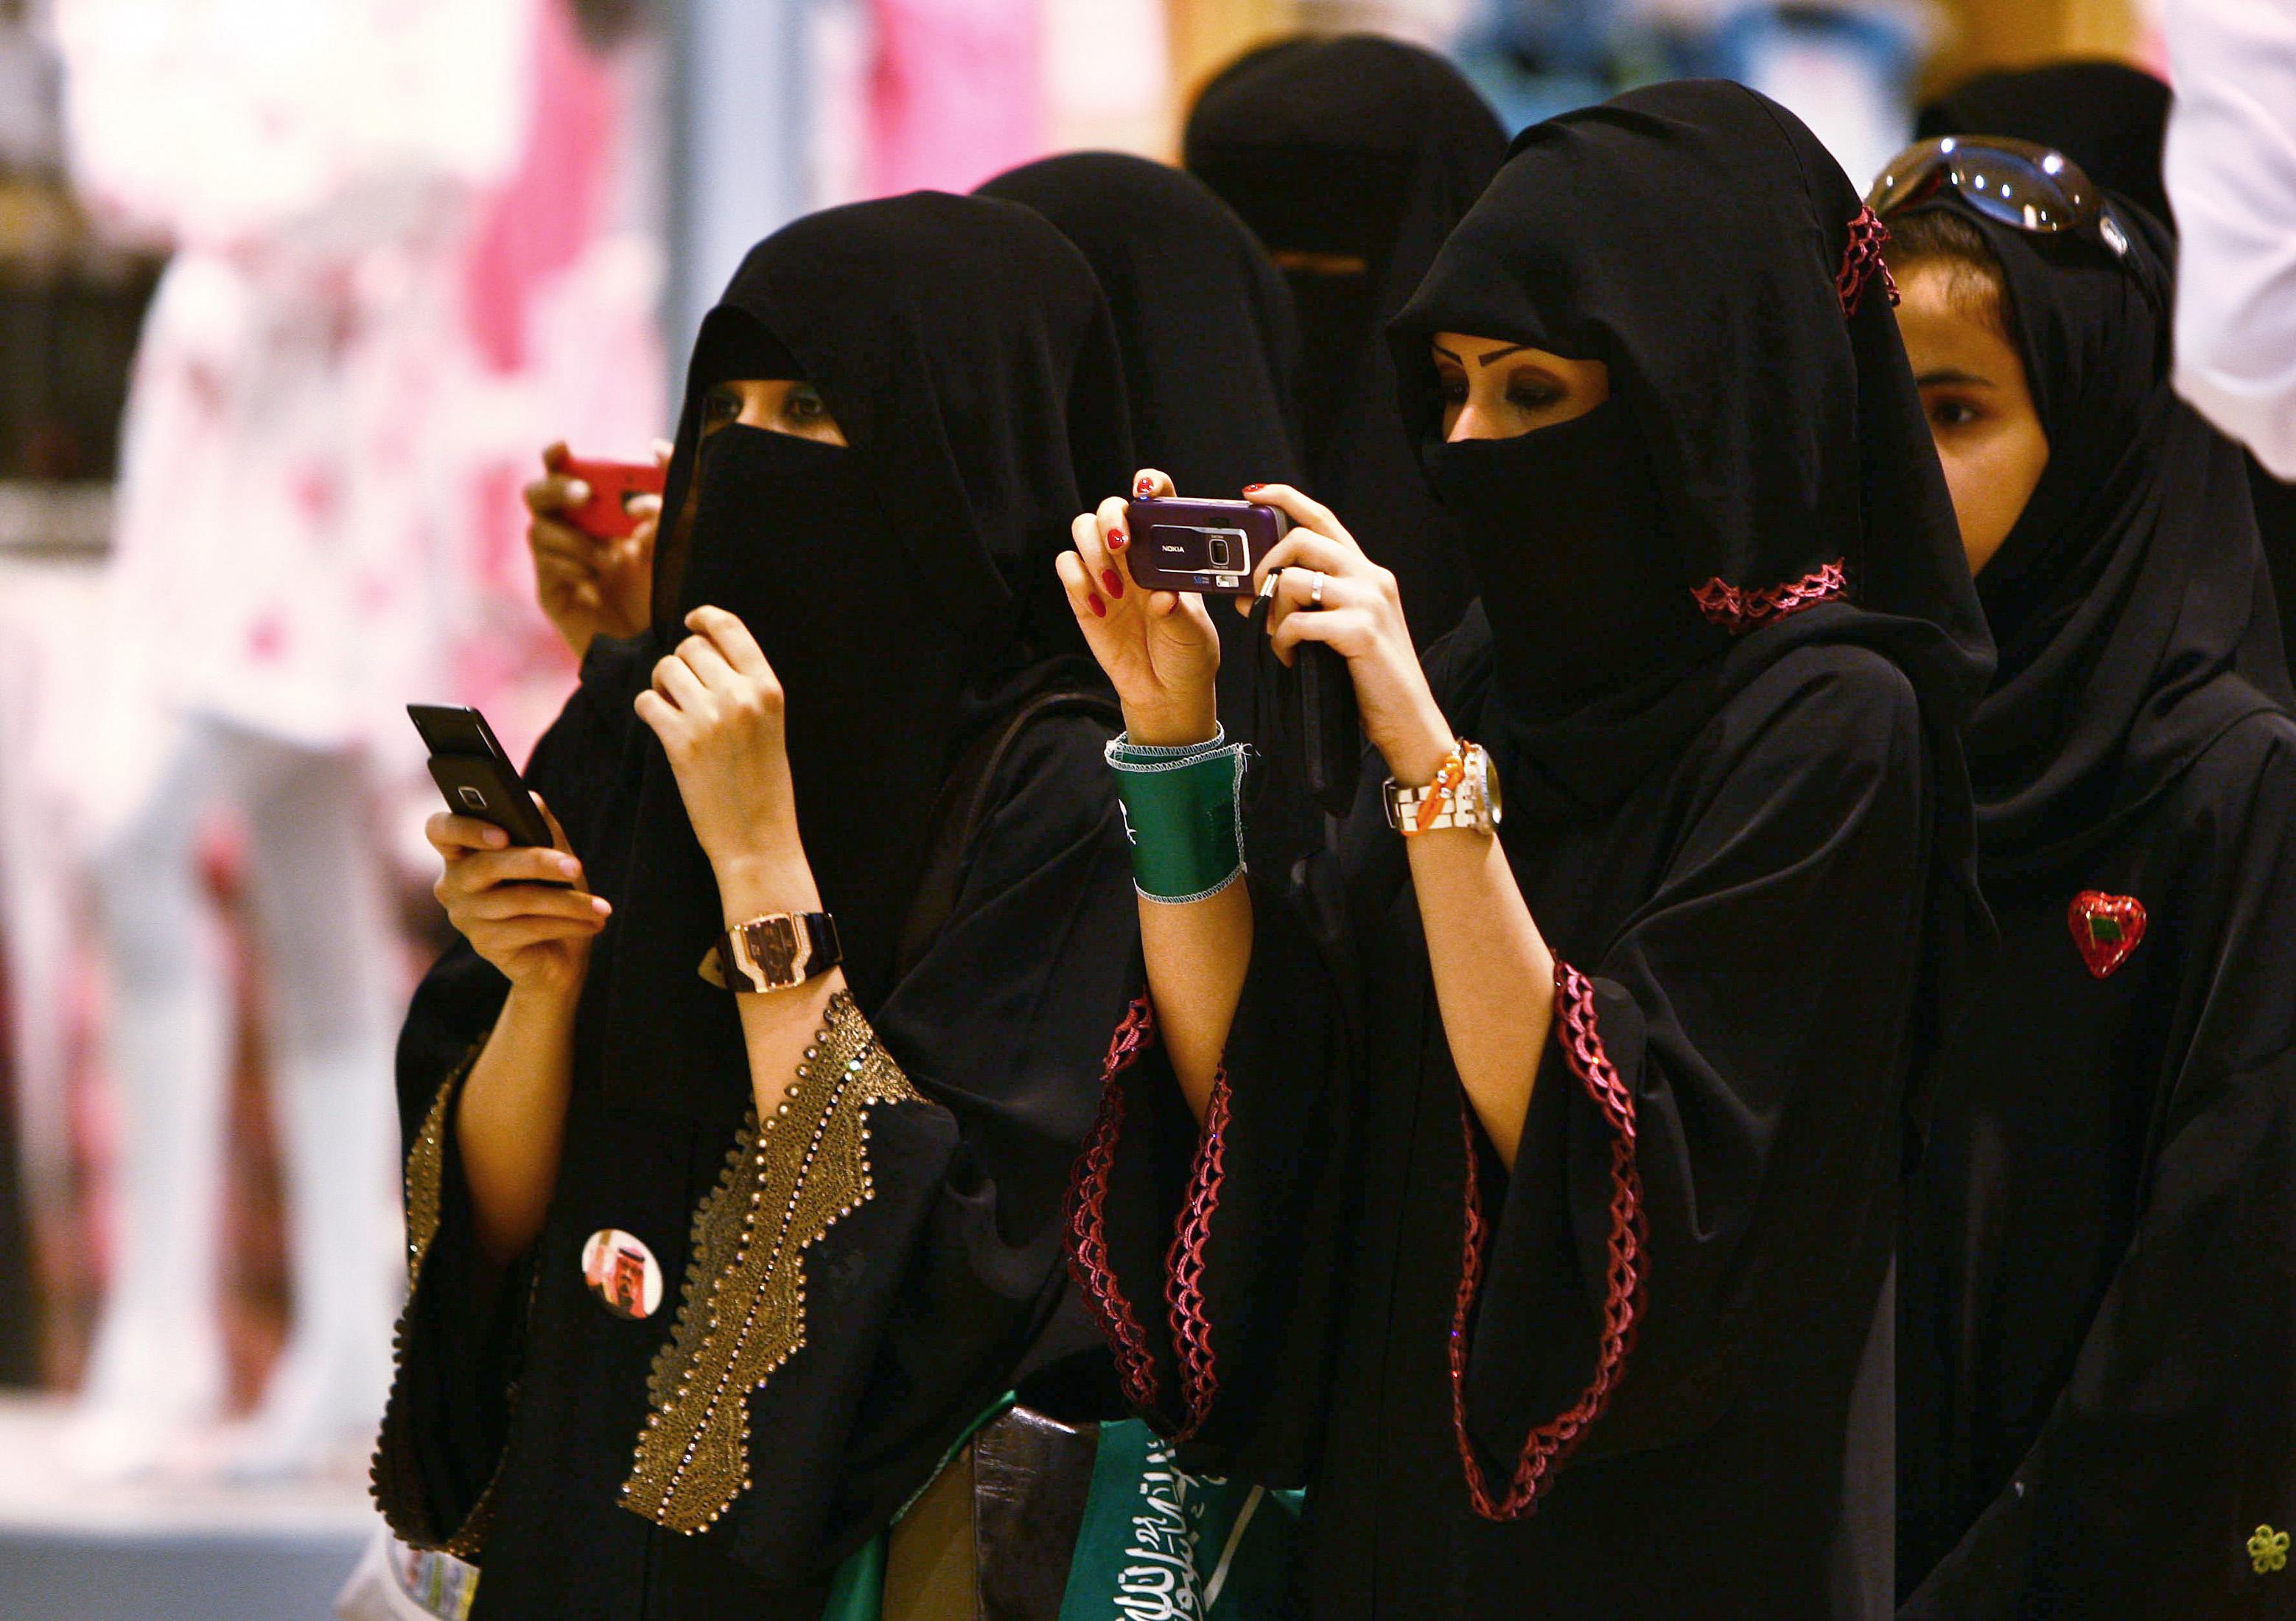 بالصور بنات السعوديه , شاهد بالصور اجمل الفتيات السعوديات 435 8